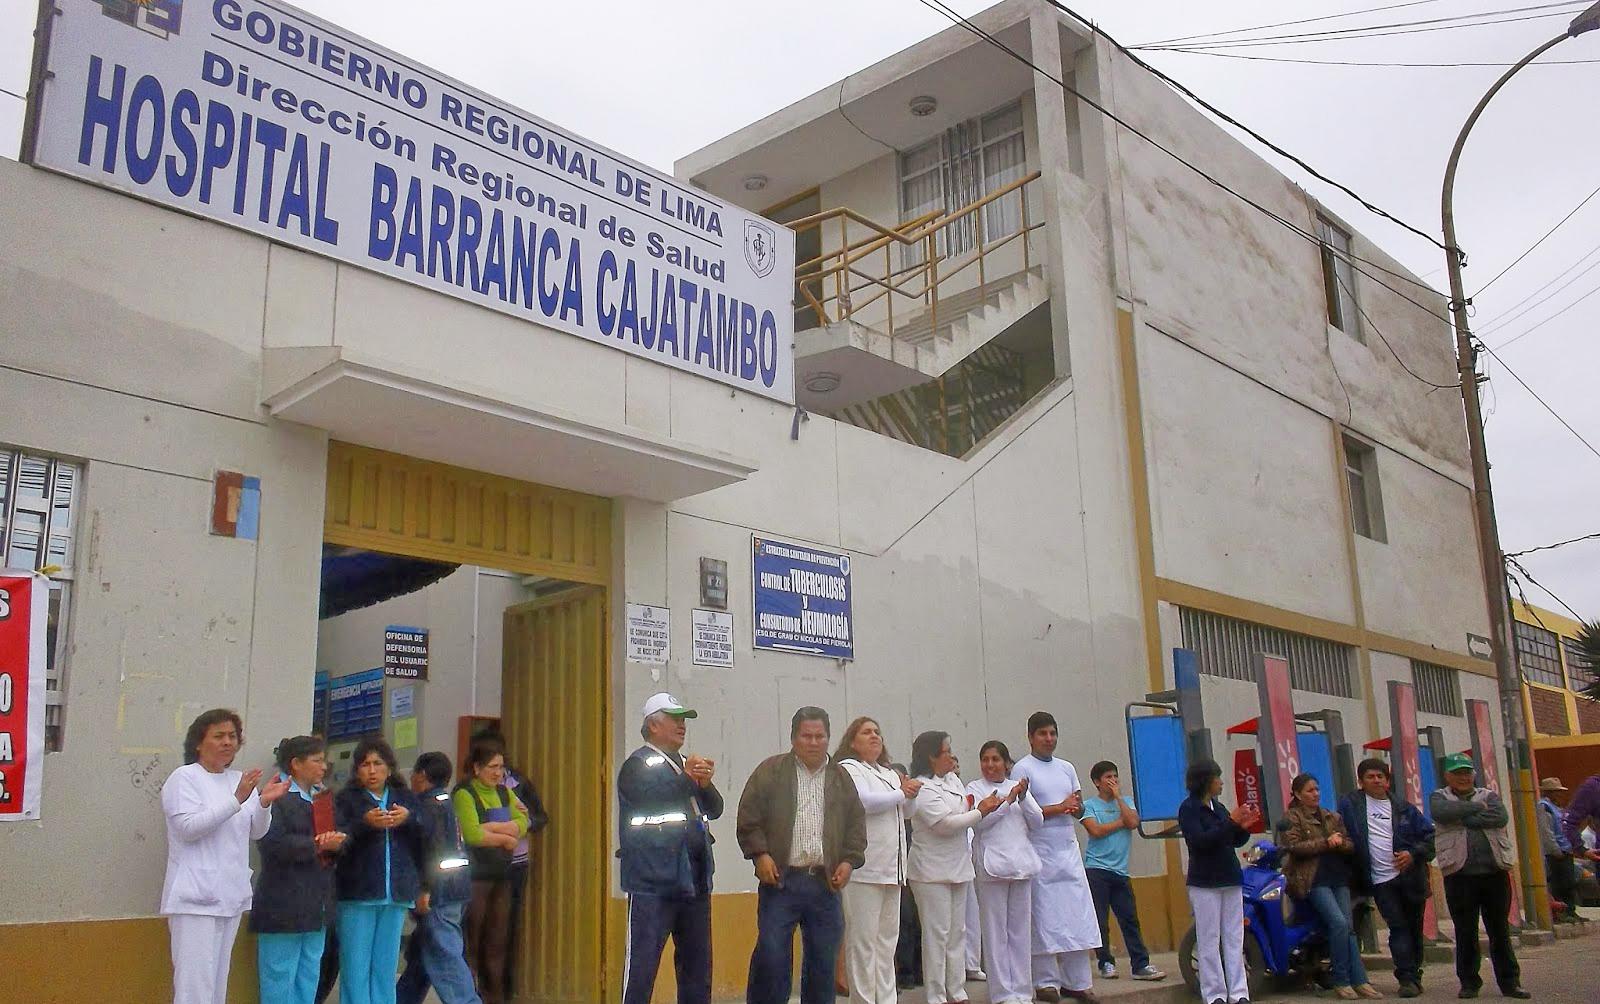 Alcalde Ricardo Zender: Hospital de Barranca suspendió su atención por lluvia torrencial